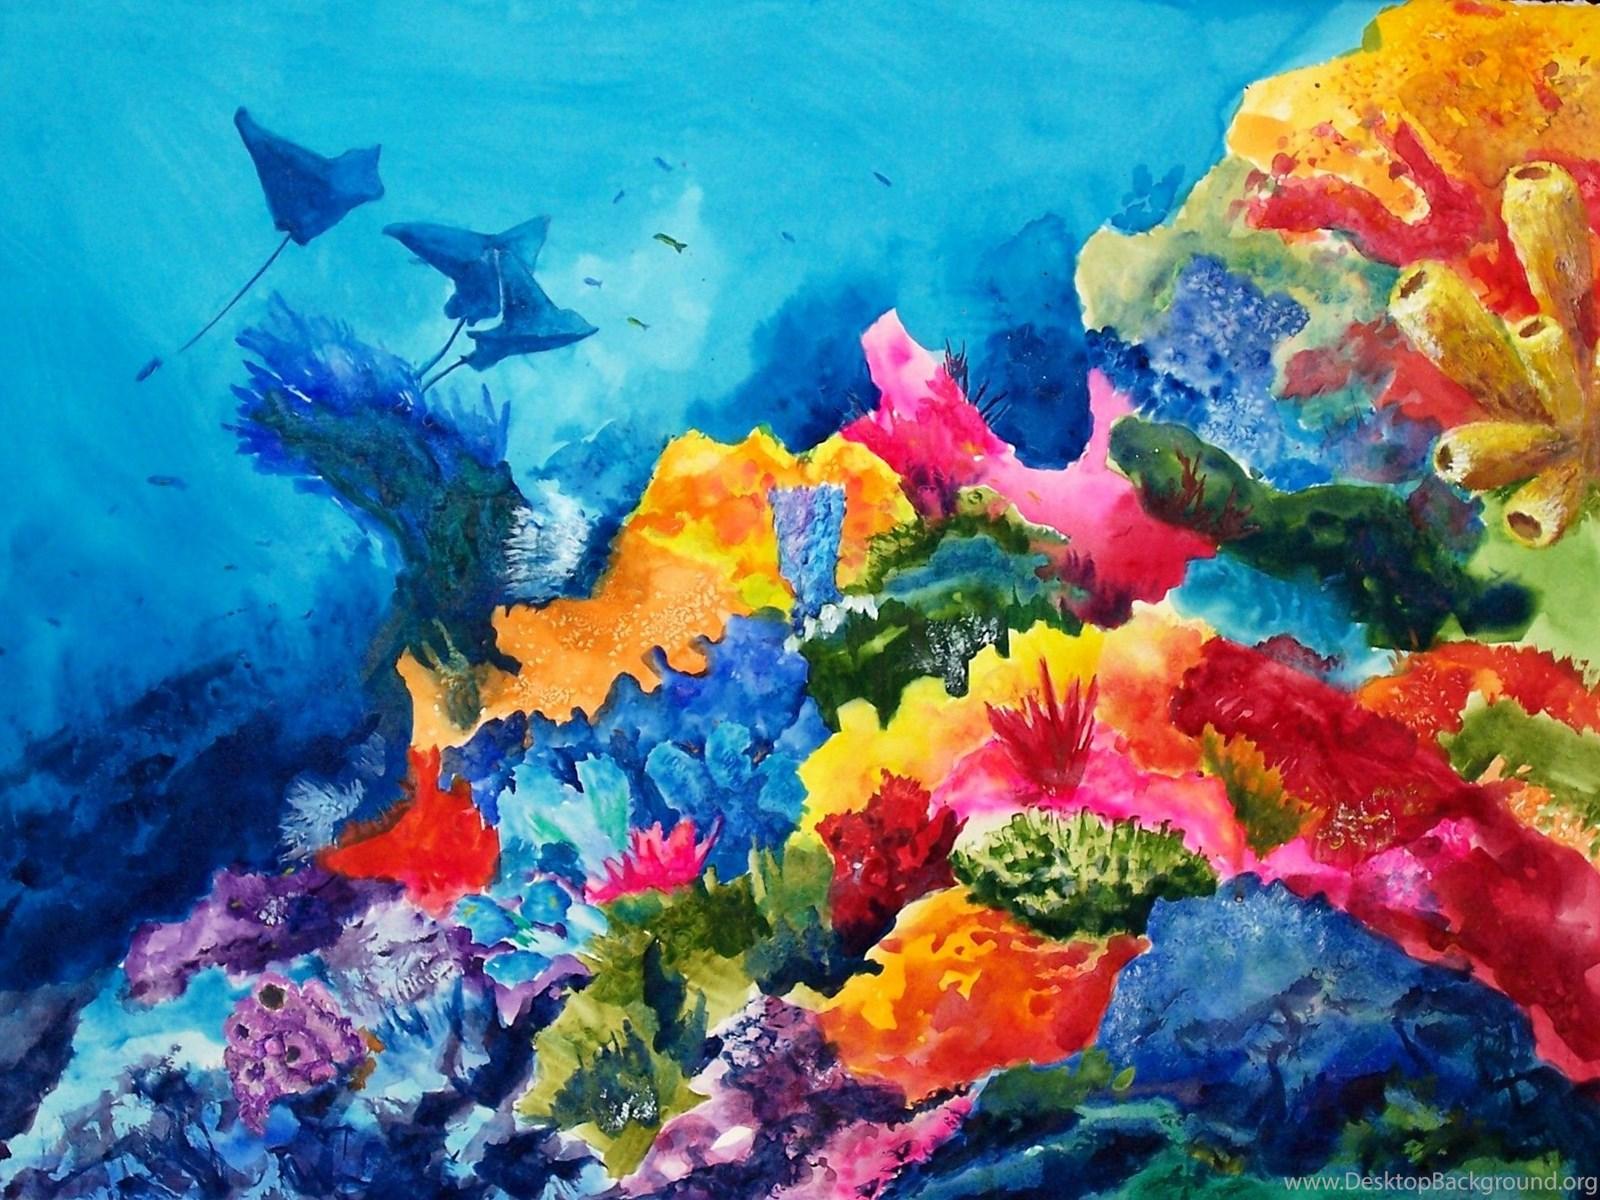 краски подводного мира картинки как интересно носить